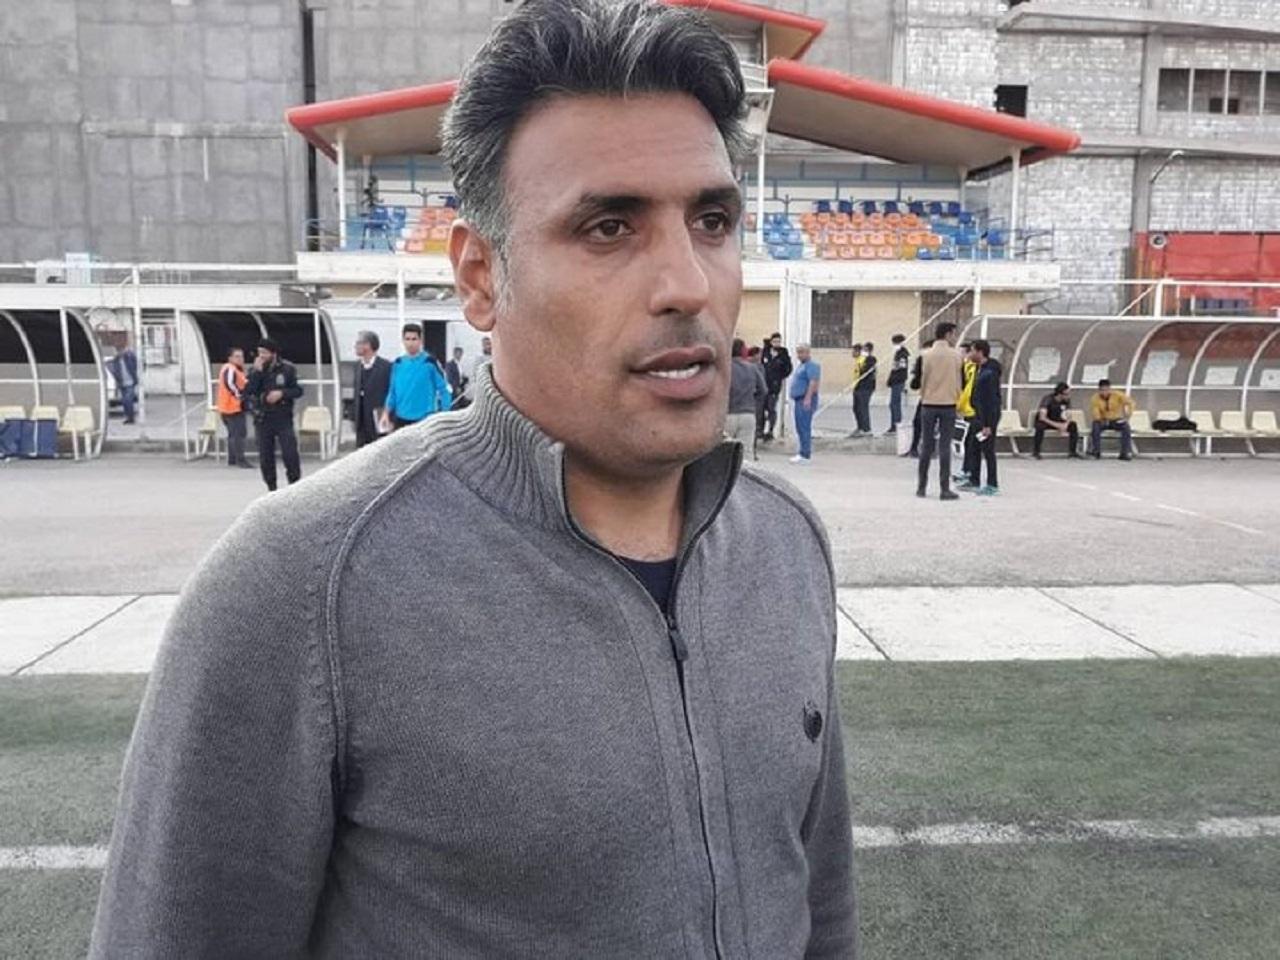 سرمربی تیم فوتبال استقلال خوزستان: بازی بسیار سختی بود/ ۳ امتیاز را به مردم خوزستان تقدیم میکنیم